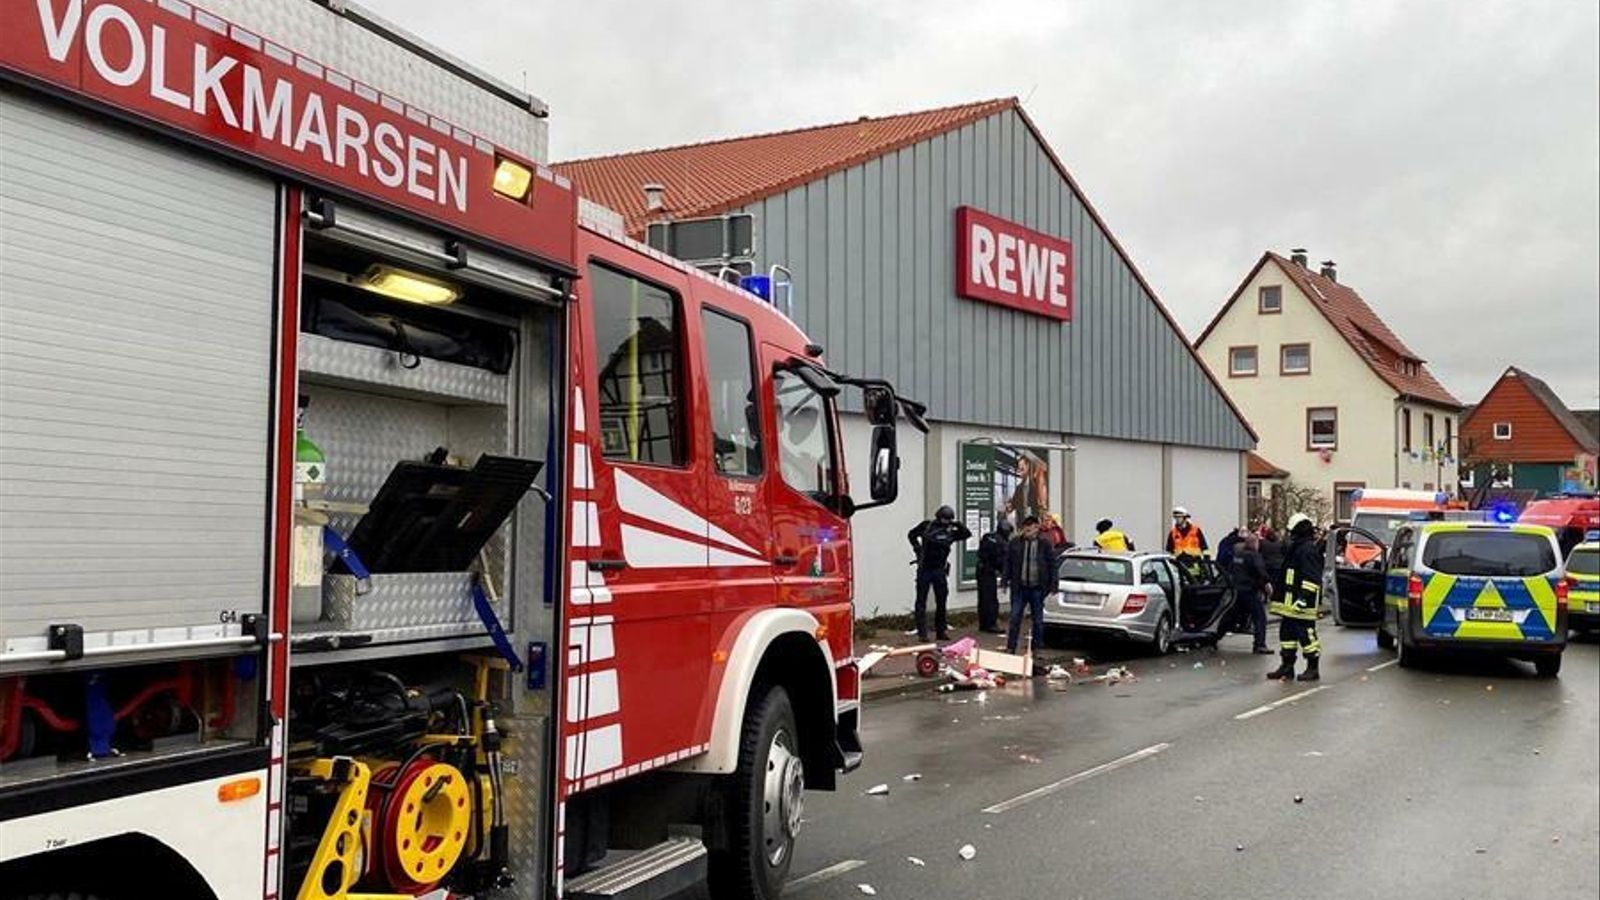 Els serveis d'emergències treballen al lloc en que s'ha produït l'atropellament massiu a Volkmarsen, al centre d'Alemanya